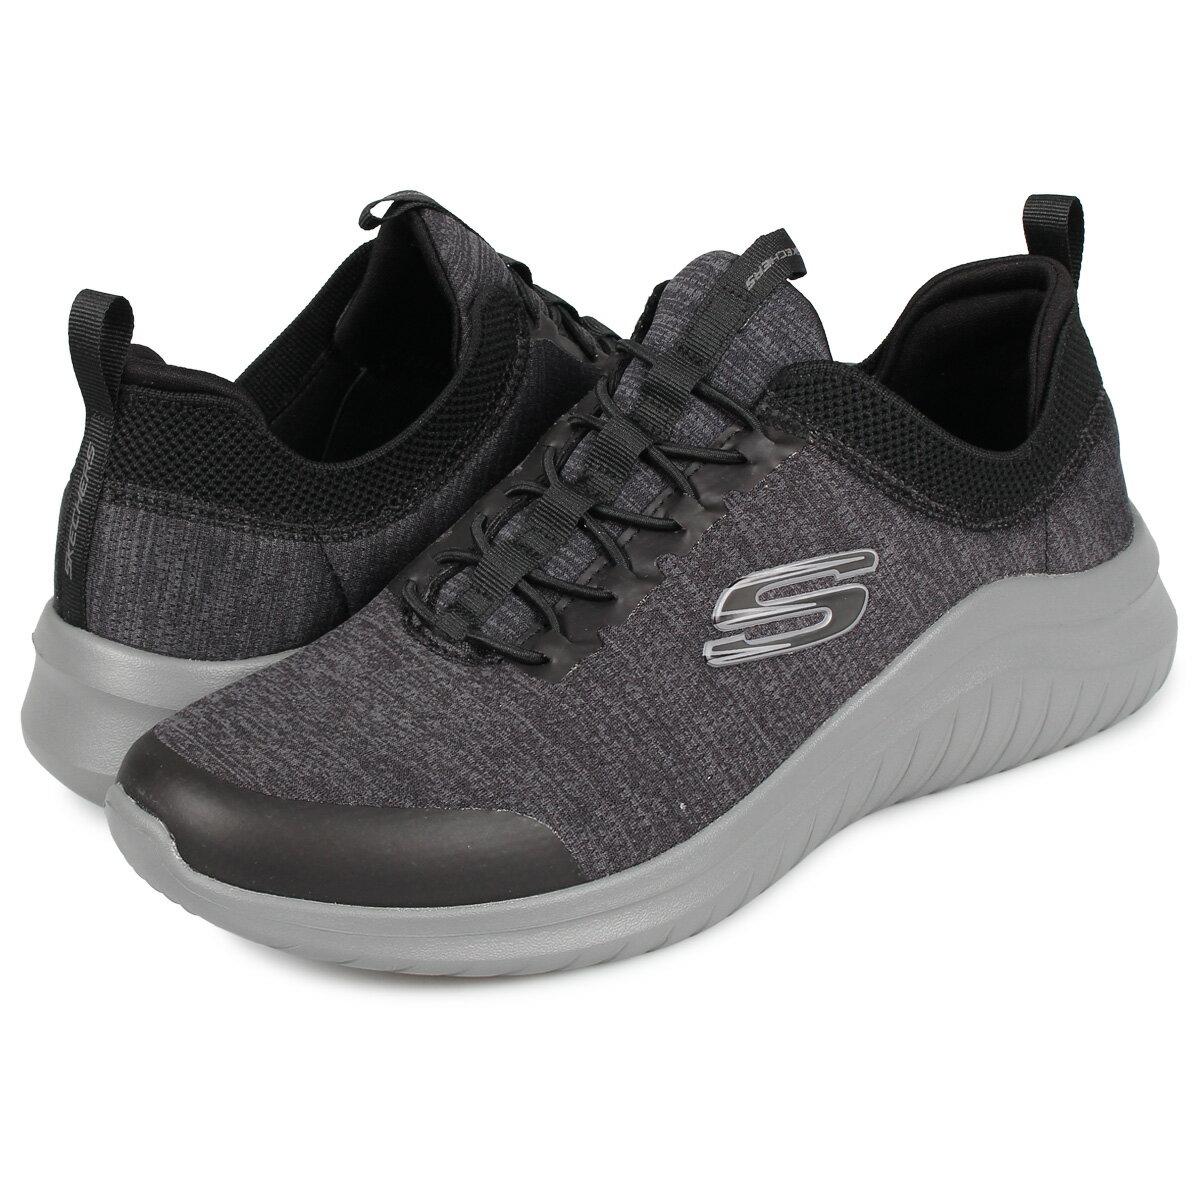 メンズ靴, スニーカー SKECHERS ULTRA FLEX 2.0 FEDIK 2.0 52765